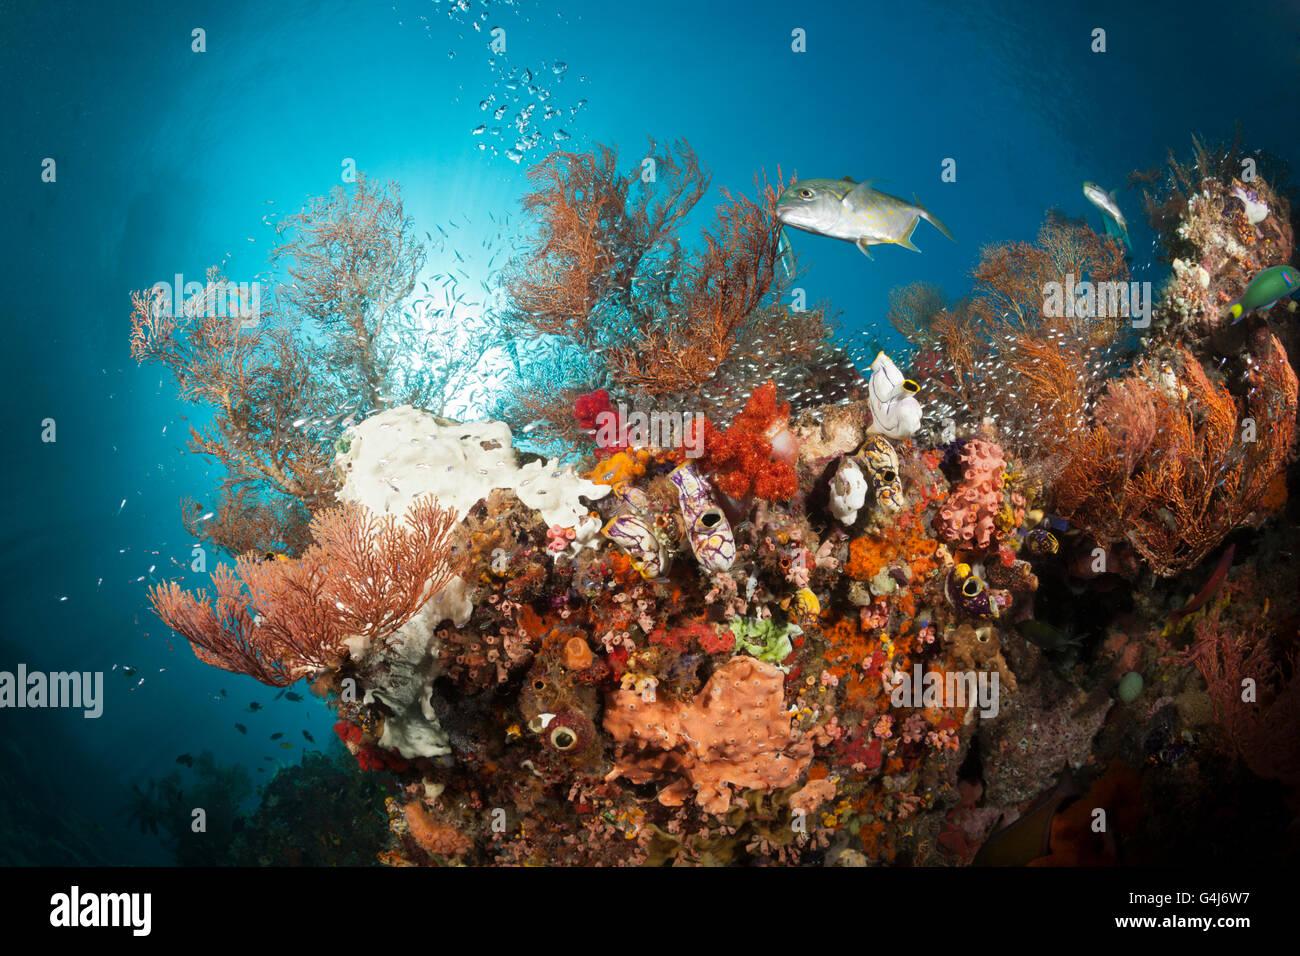 Arrecifes de coral coloreados, Raja Ampat, Papua Occidental, Indonesia Imagen De Stock